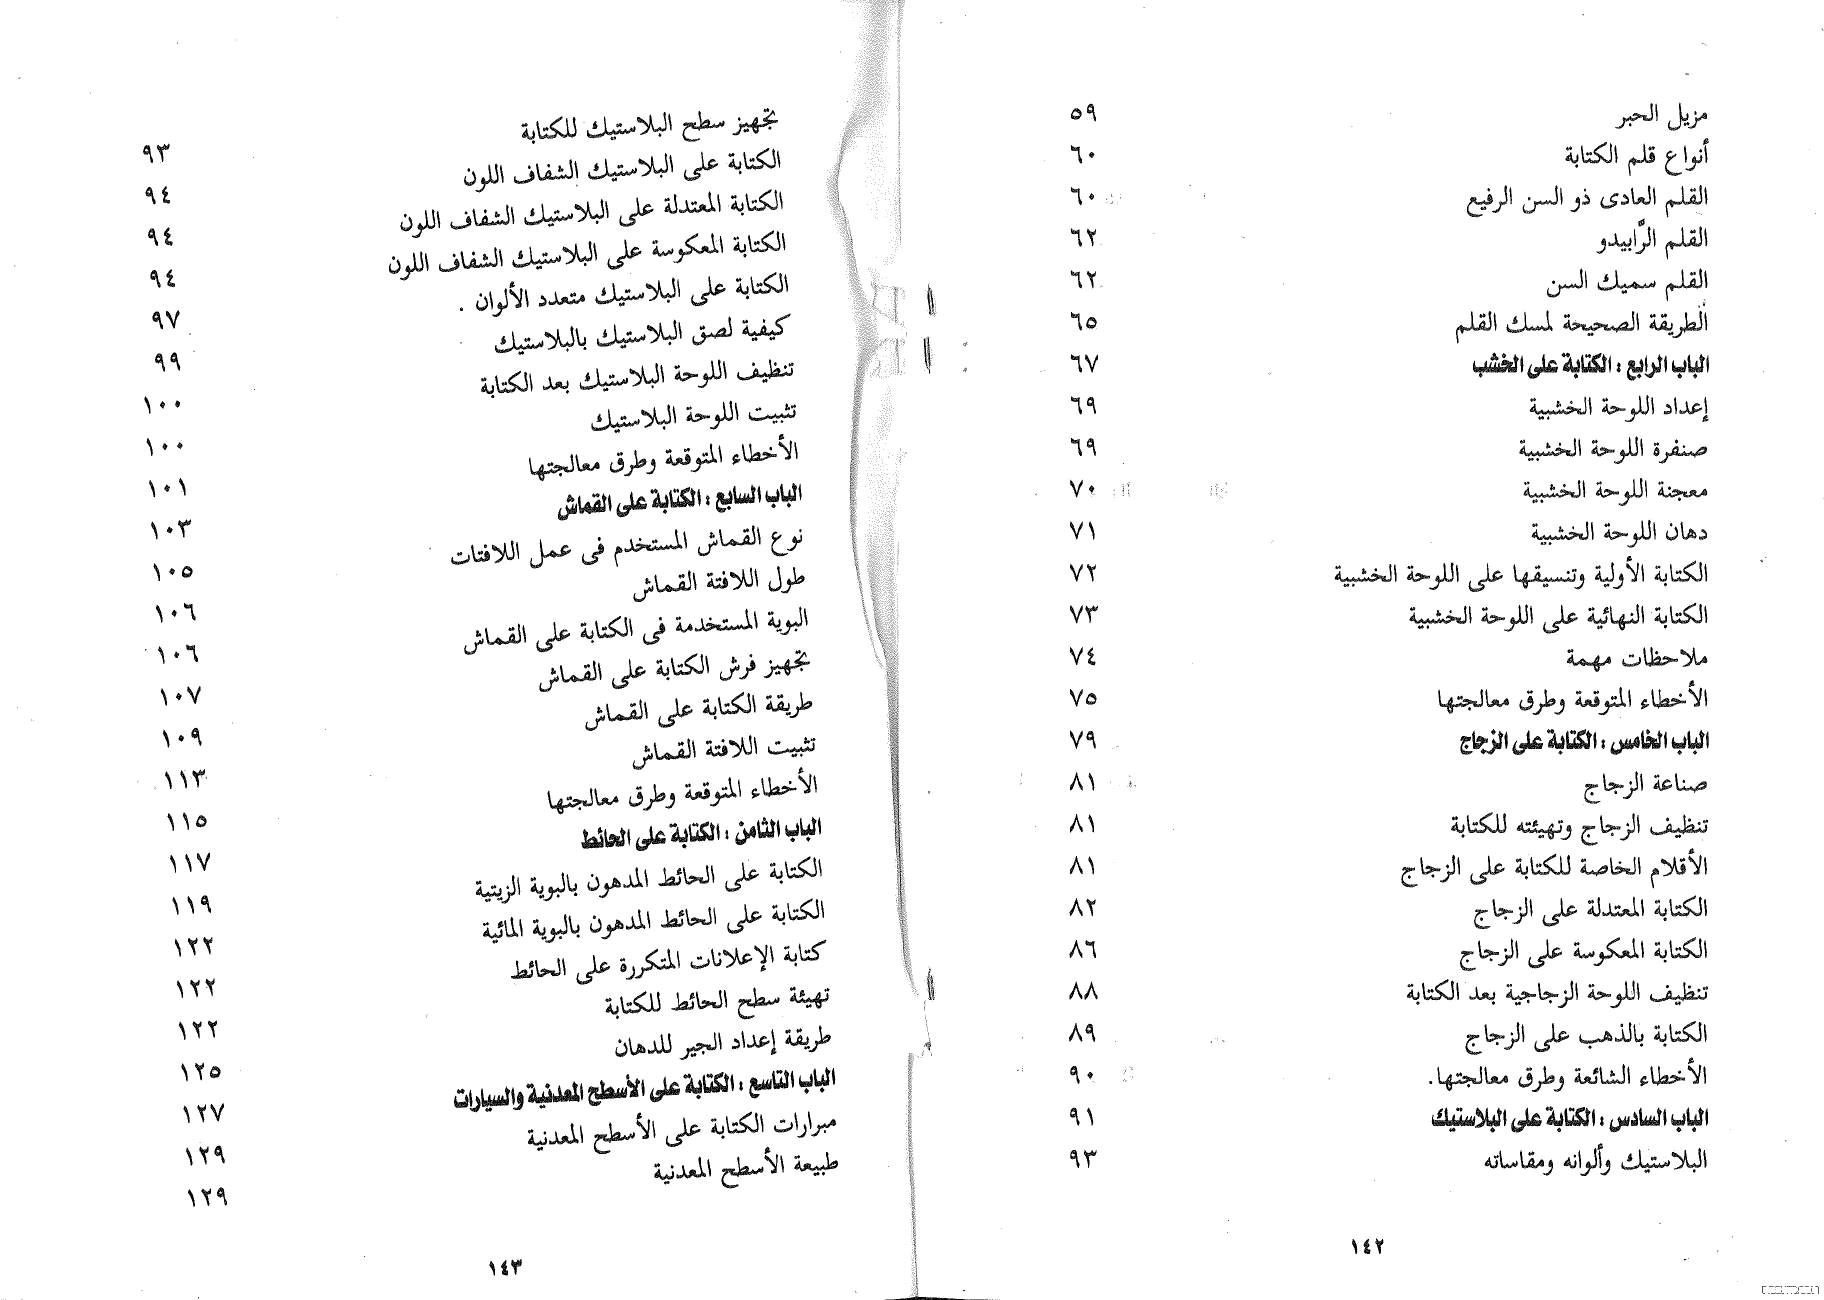 كتاب سر الصنعة معين الخطاط الماهر